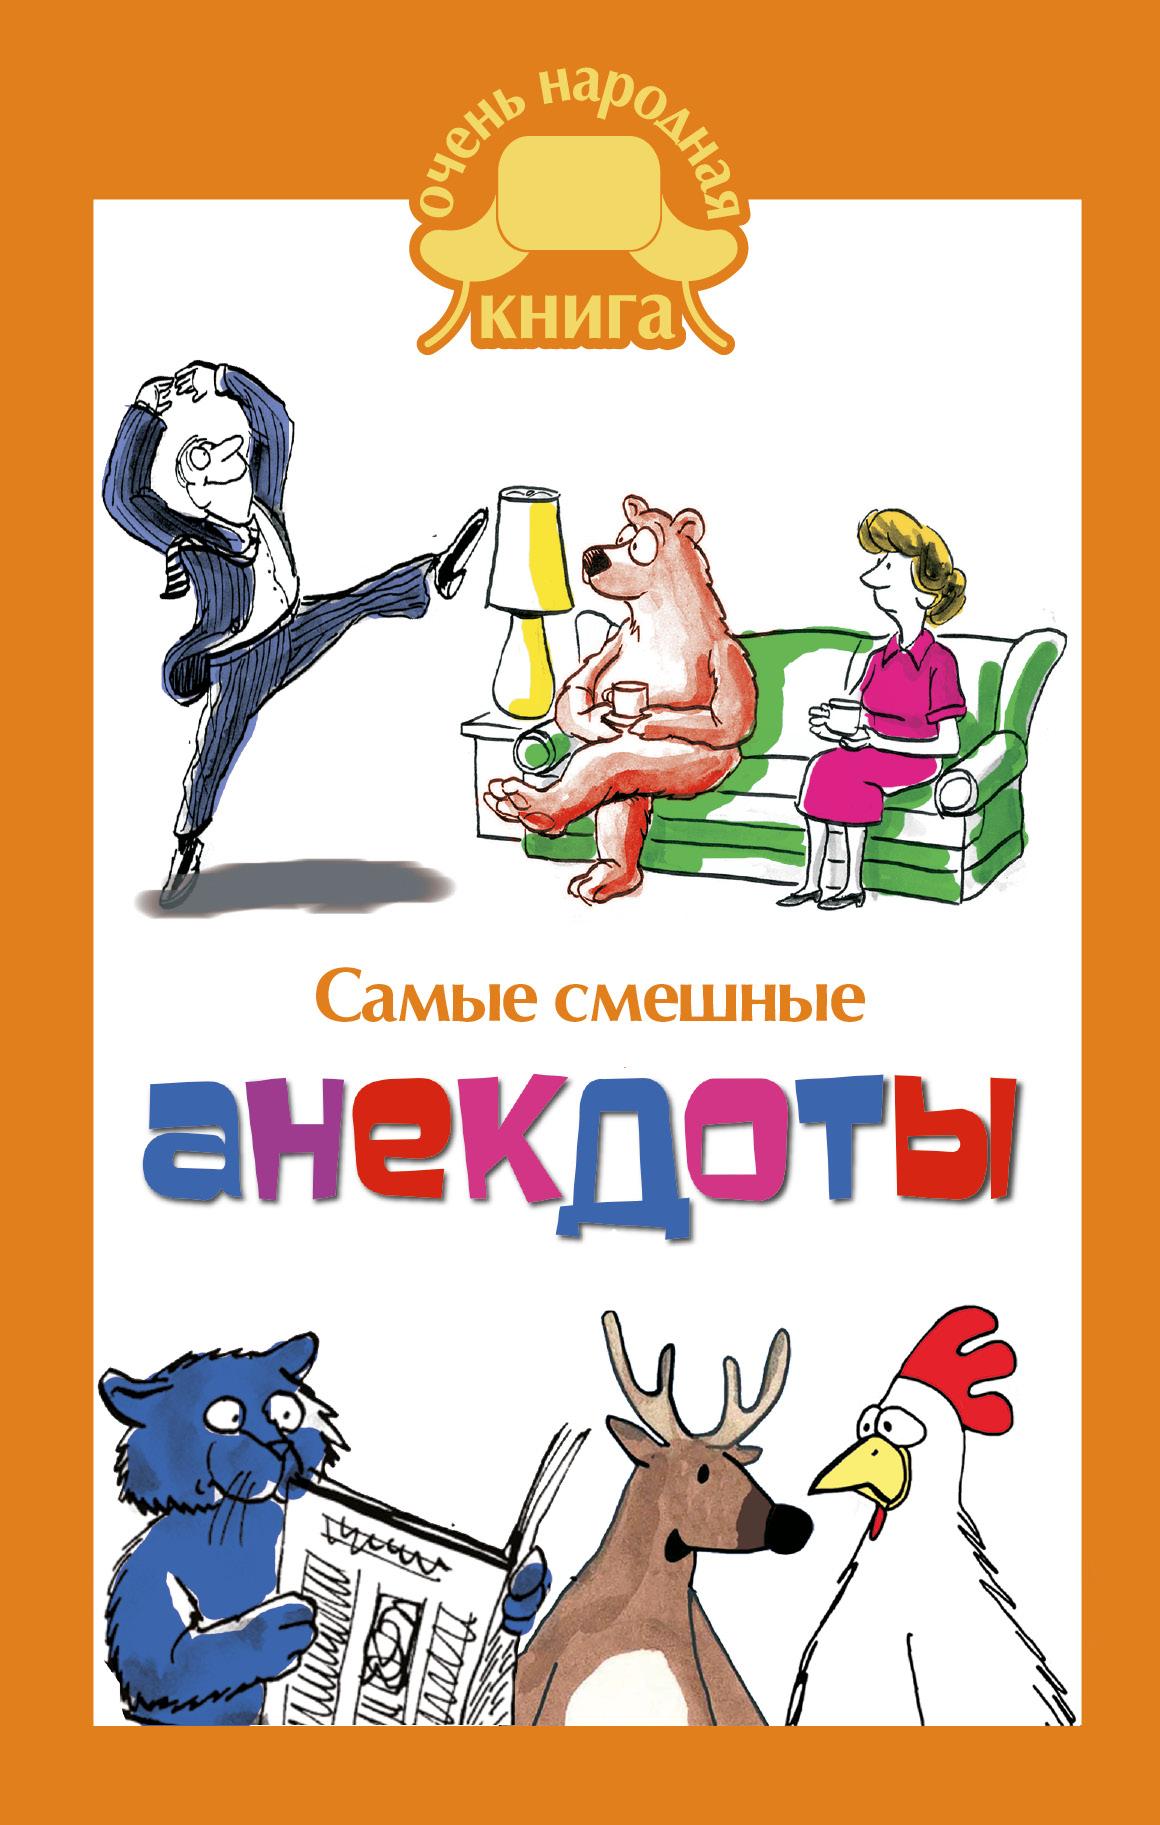 Сборник Самые смешные анекдоты сборник вырезано цензурой самые остросюжетные анекдоты